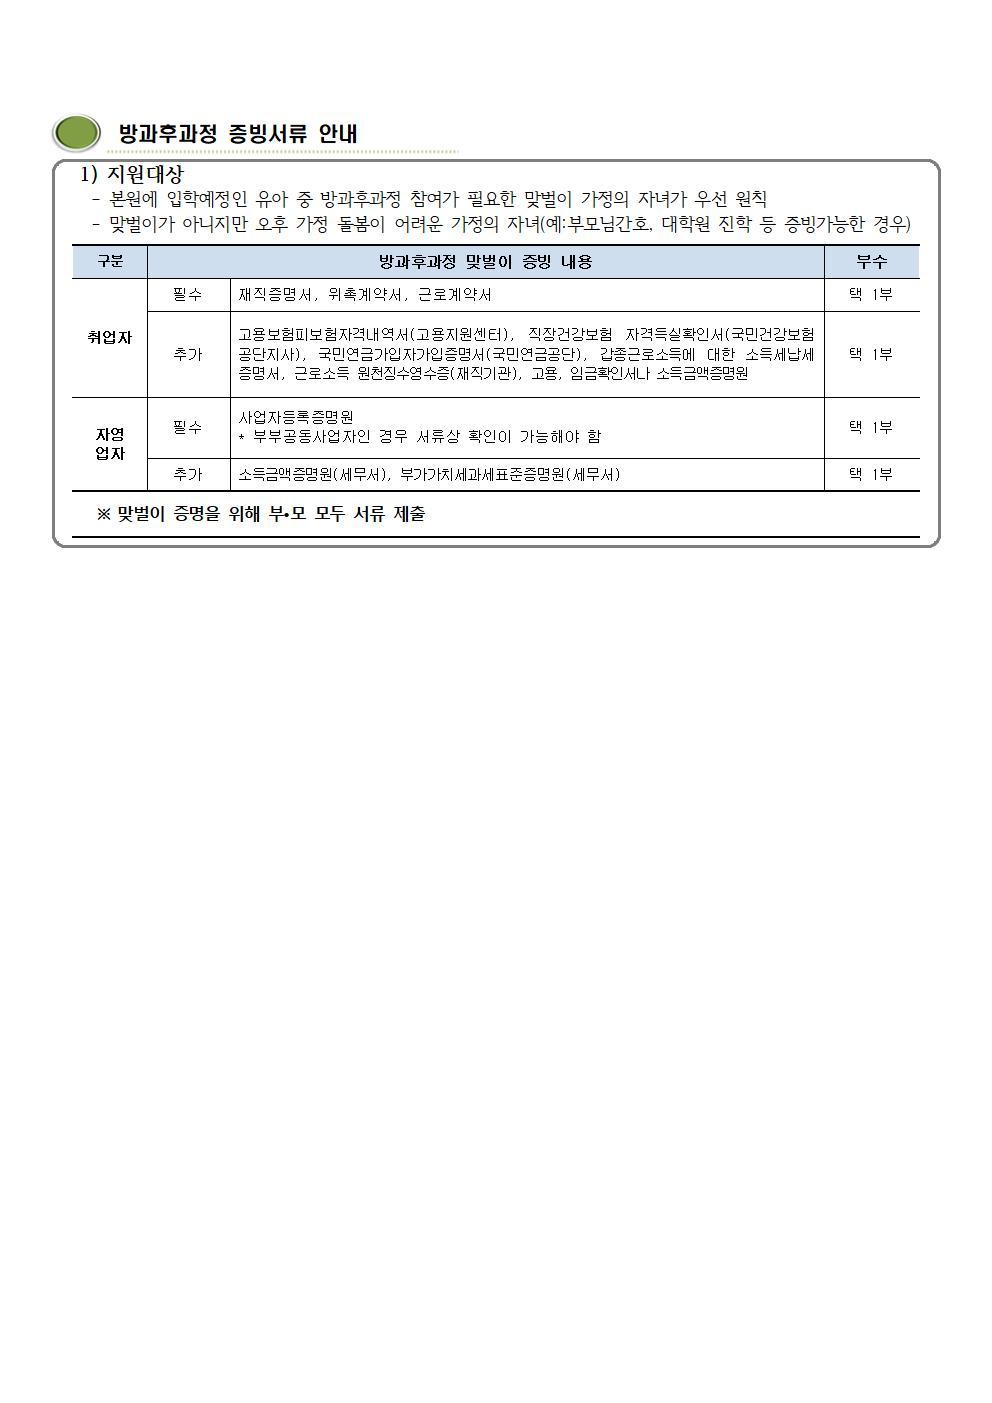 [일반] 2021학년도 방과후과정 증빙서류 안내의 첨부이미지 1